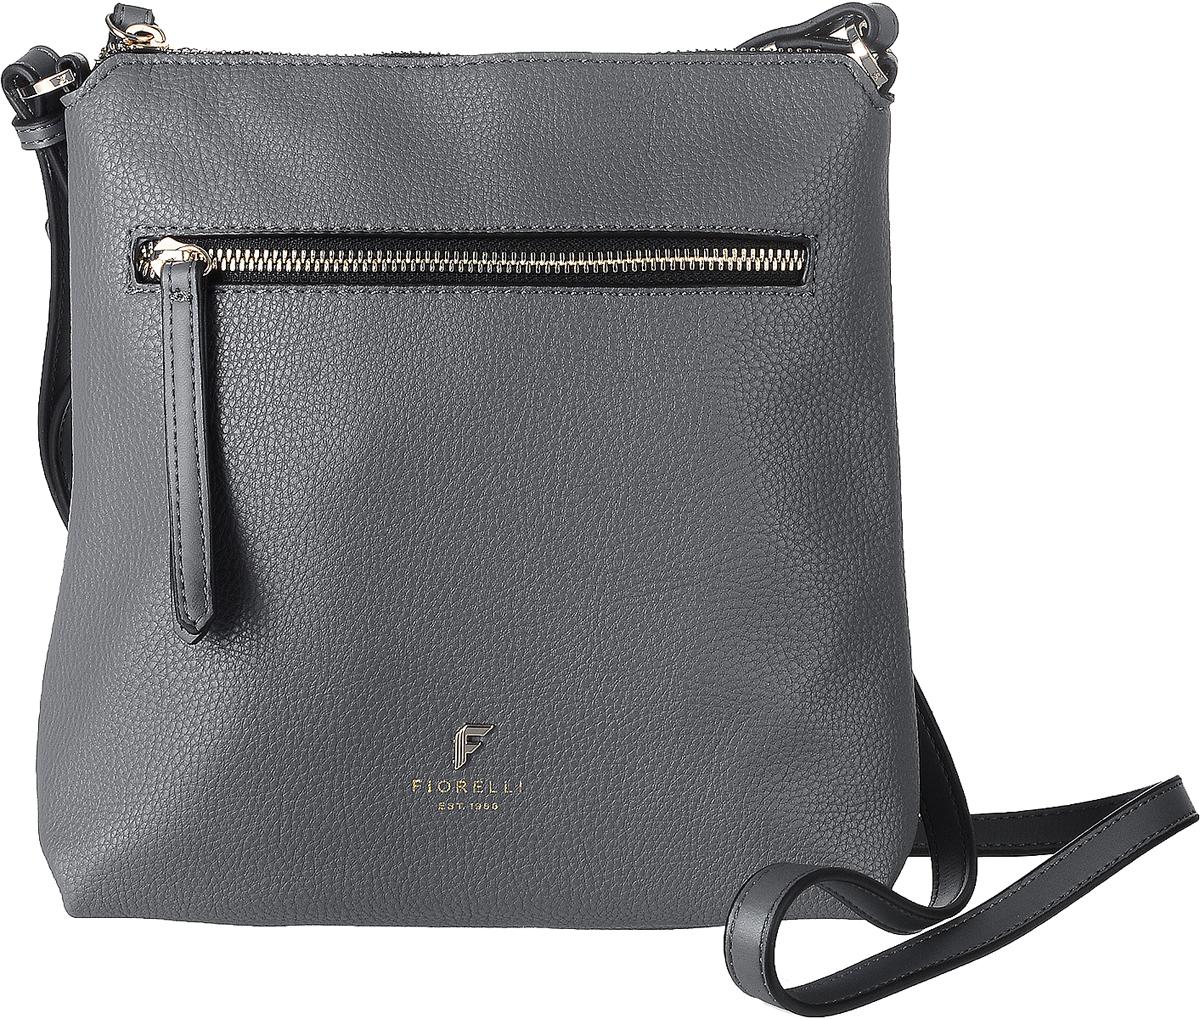 Сумка женская Fiorelli, цвет: серый. 8509 FH8509 FH Grey CasualСтильная сумка Fiorelli выполнена из высококачественной искусственной кожи зернистой текстуры. Изделие оформлено металлической пластинкой с логотипом бренда. На лицевой стороне расположен удобный вшитый карман на молнии. На тыльной стороне расположен открытый накладной карман. Сумка оснащена плечевым ремнем, длина которого регулируется с помощью пряжки. Изделие закрывается на застежку- молнию. Внутри расположено главное отделение, которое содержит один открытый накладной карман и фирменную нашивку.